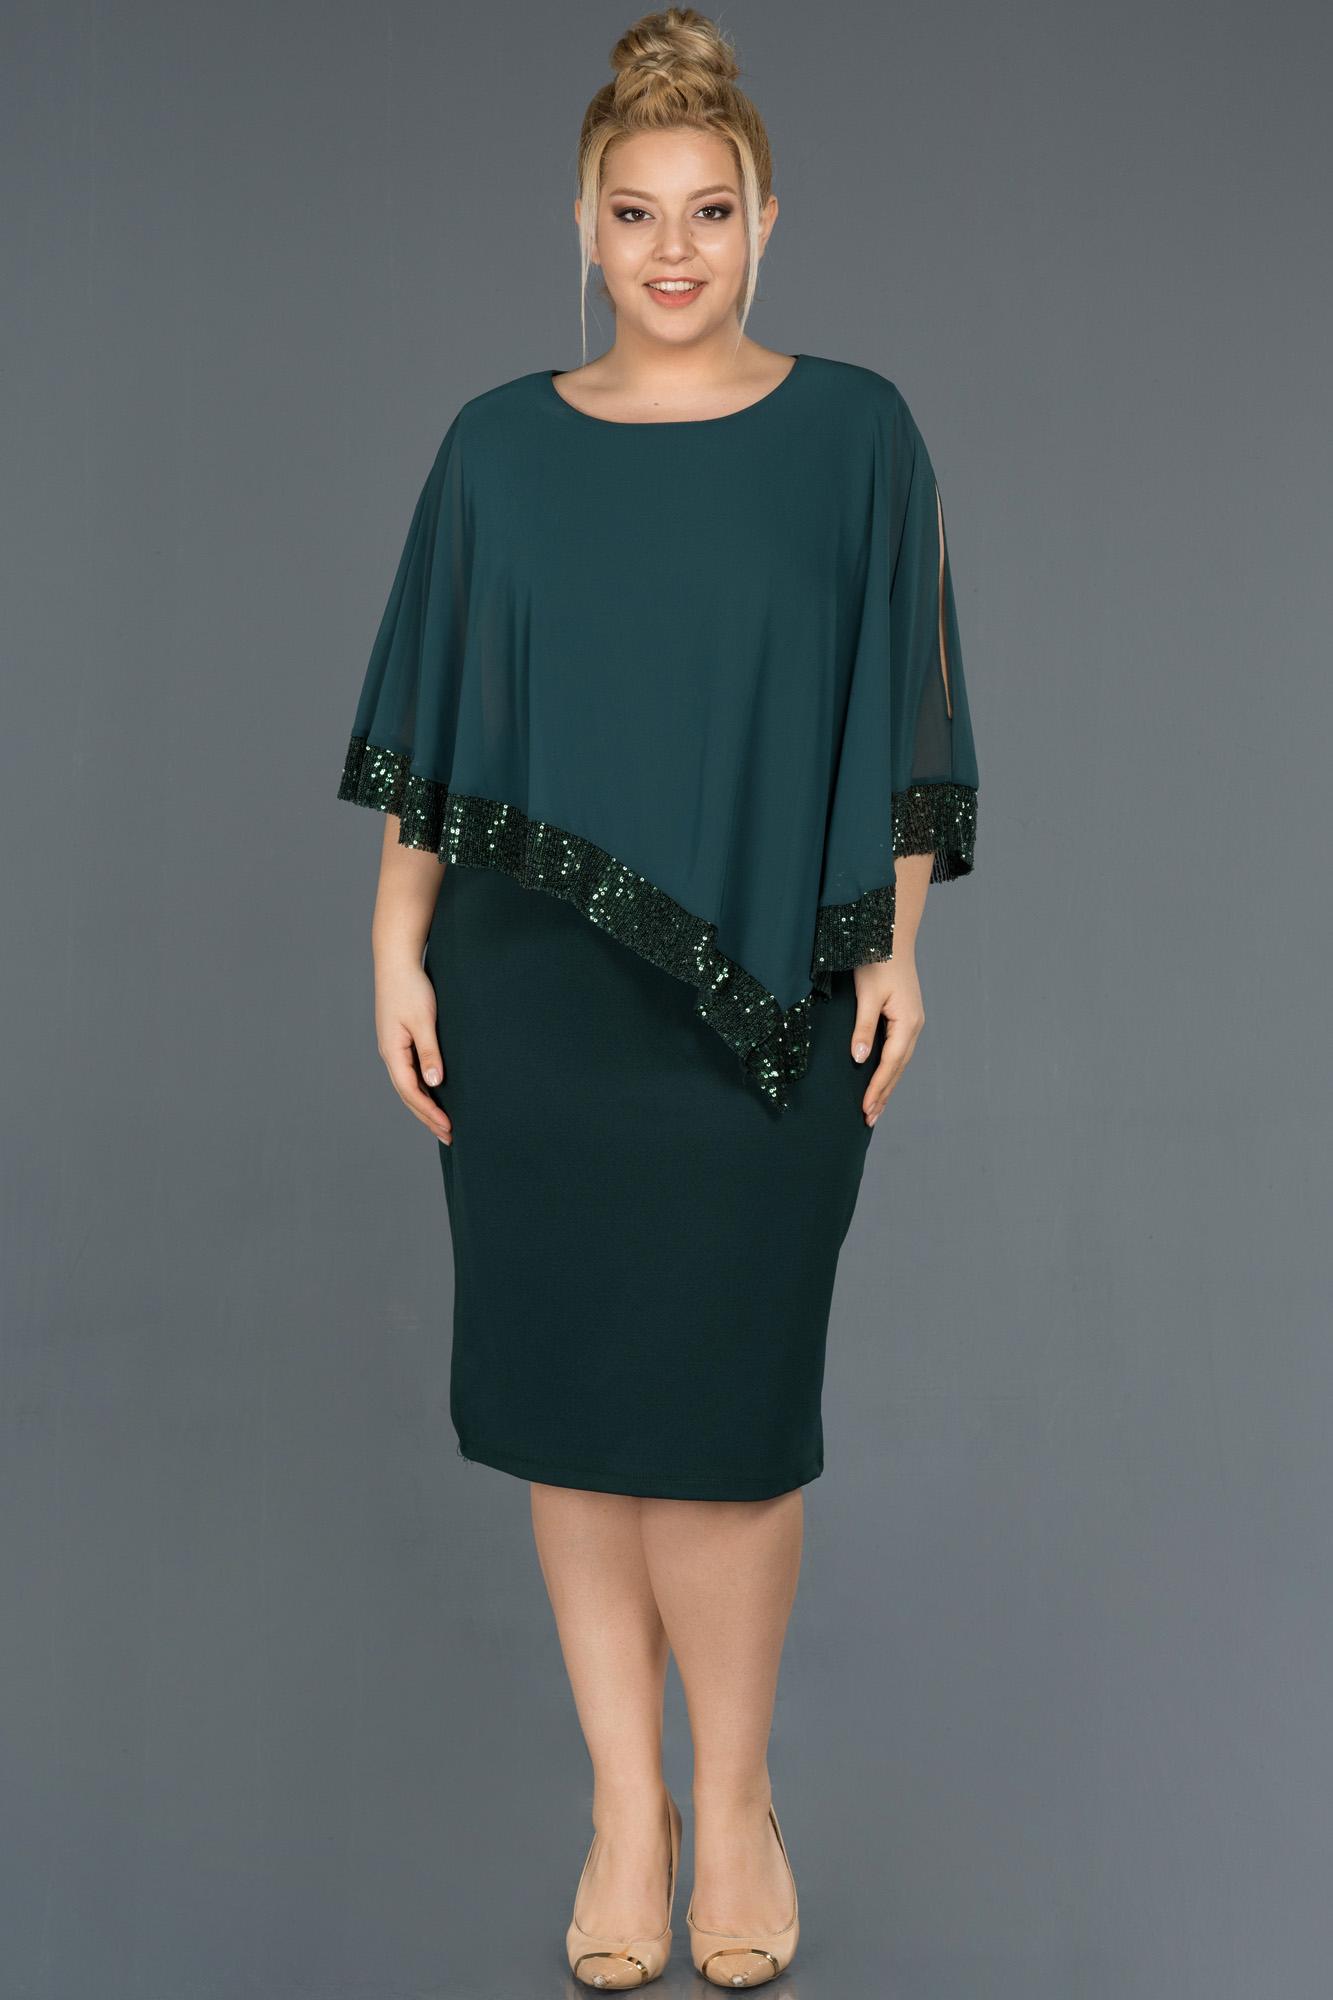 Zümrüt Yeşili Kısa Panço Detaylı Büyük Beden Elbise